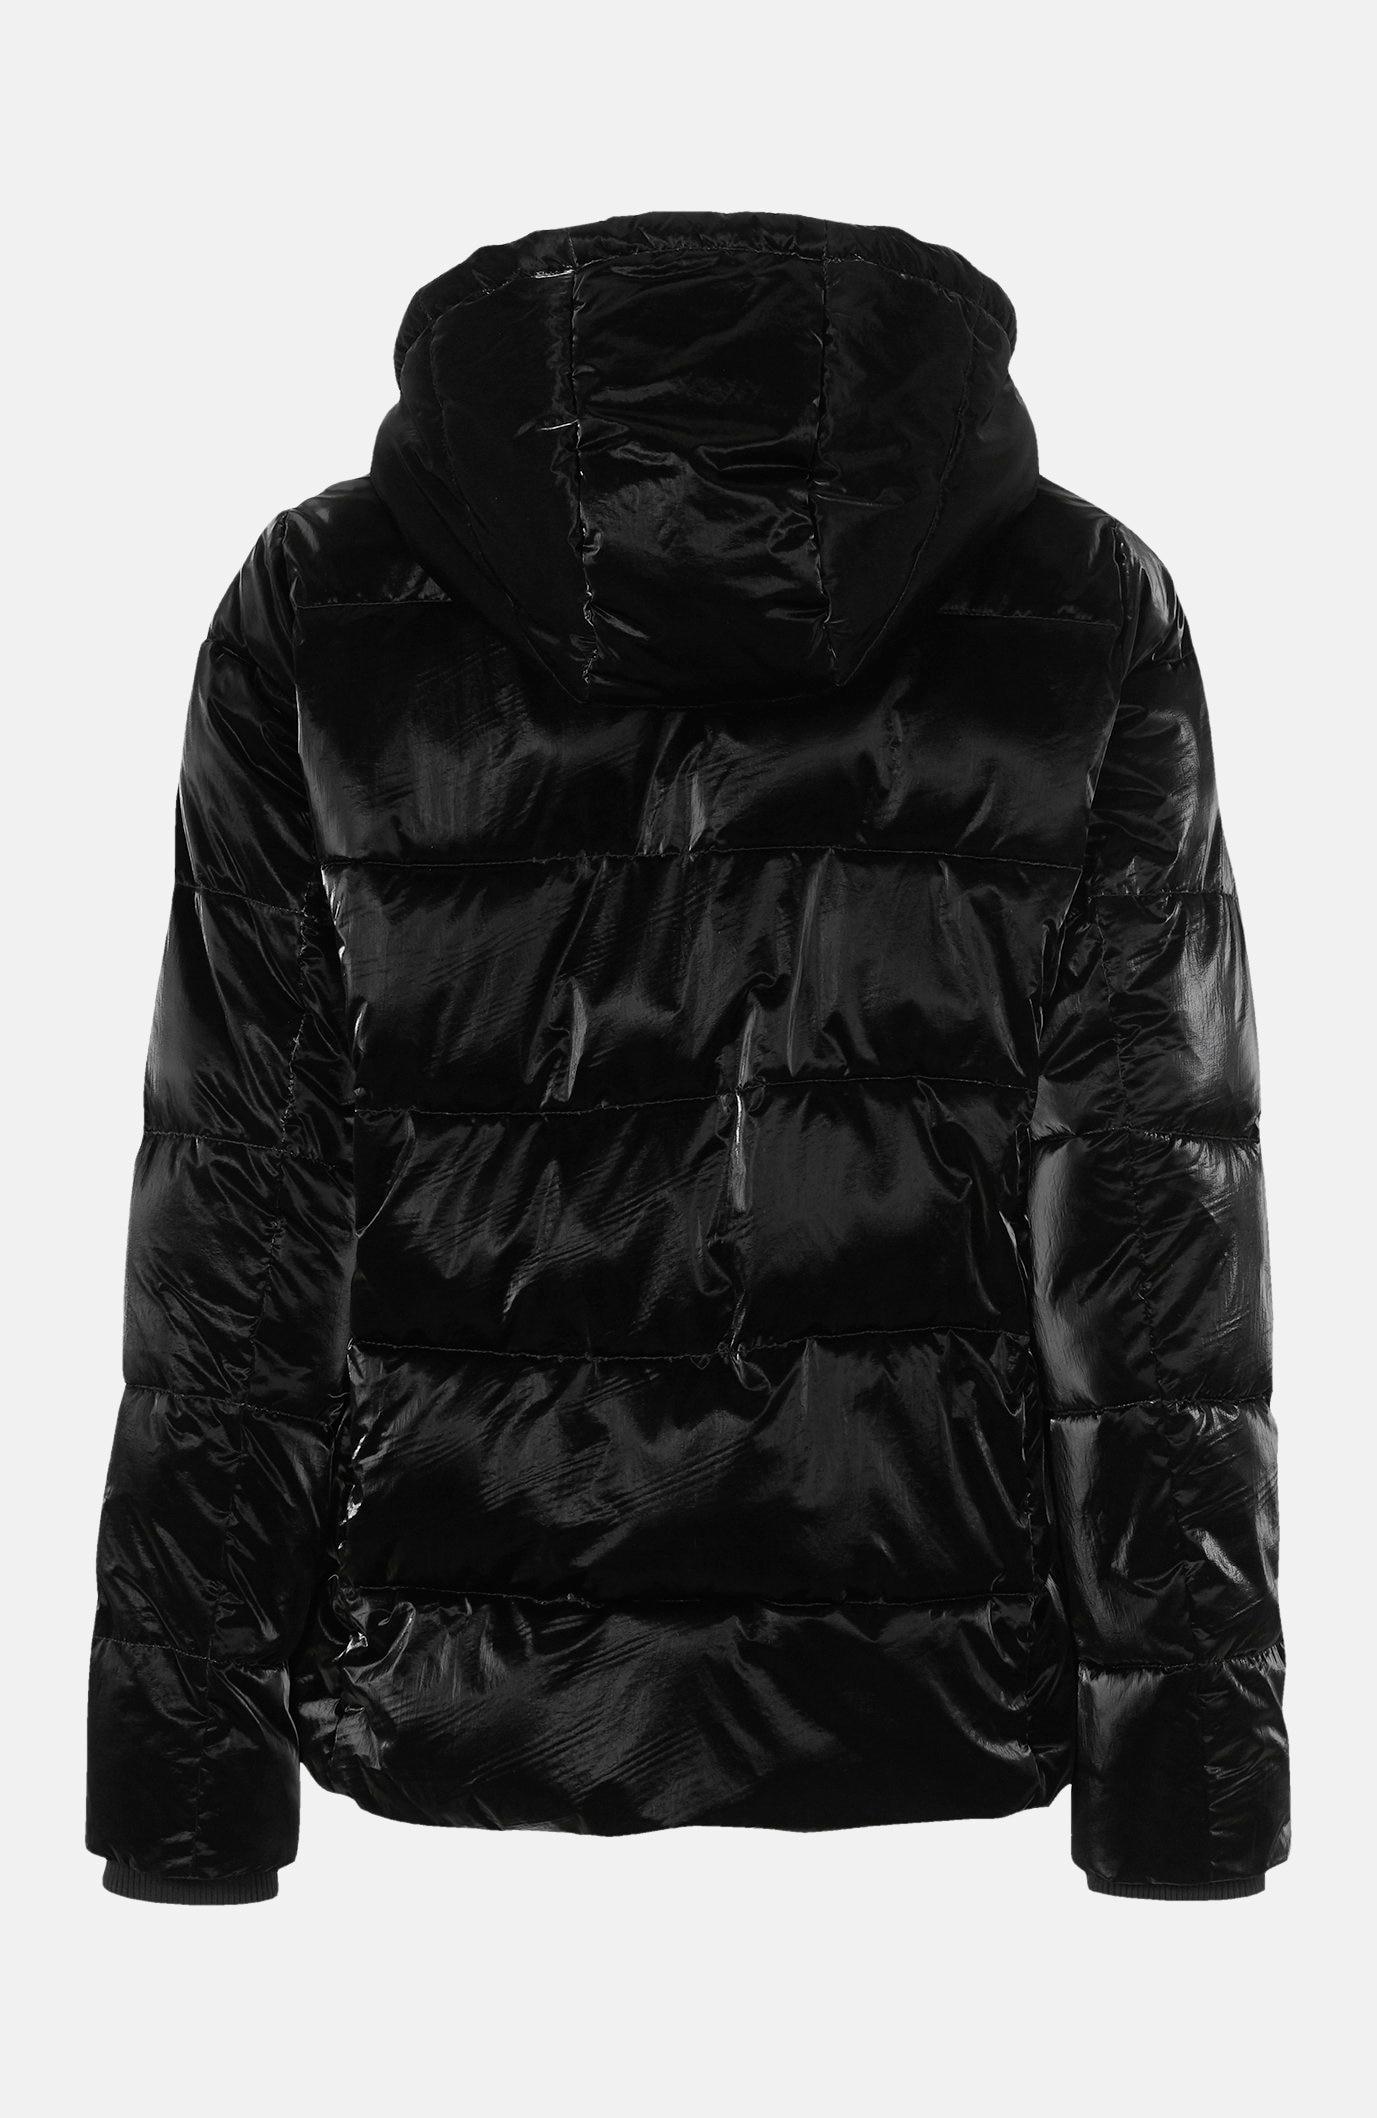 Vatēta jaka ar metālisku izskatu